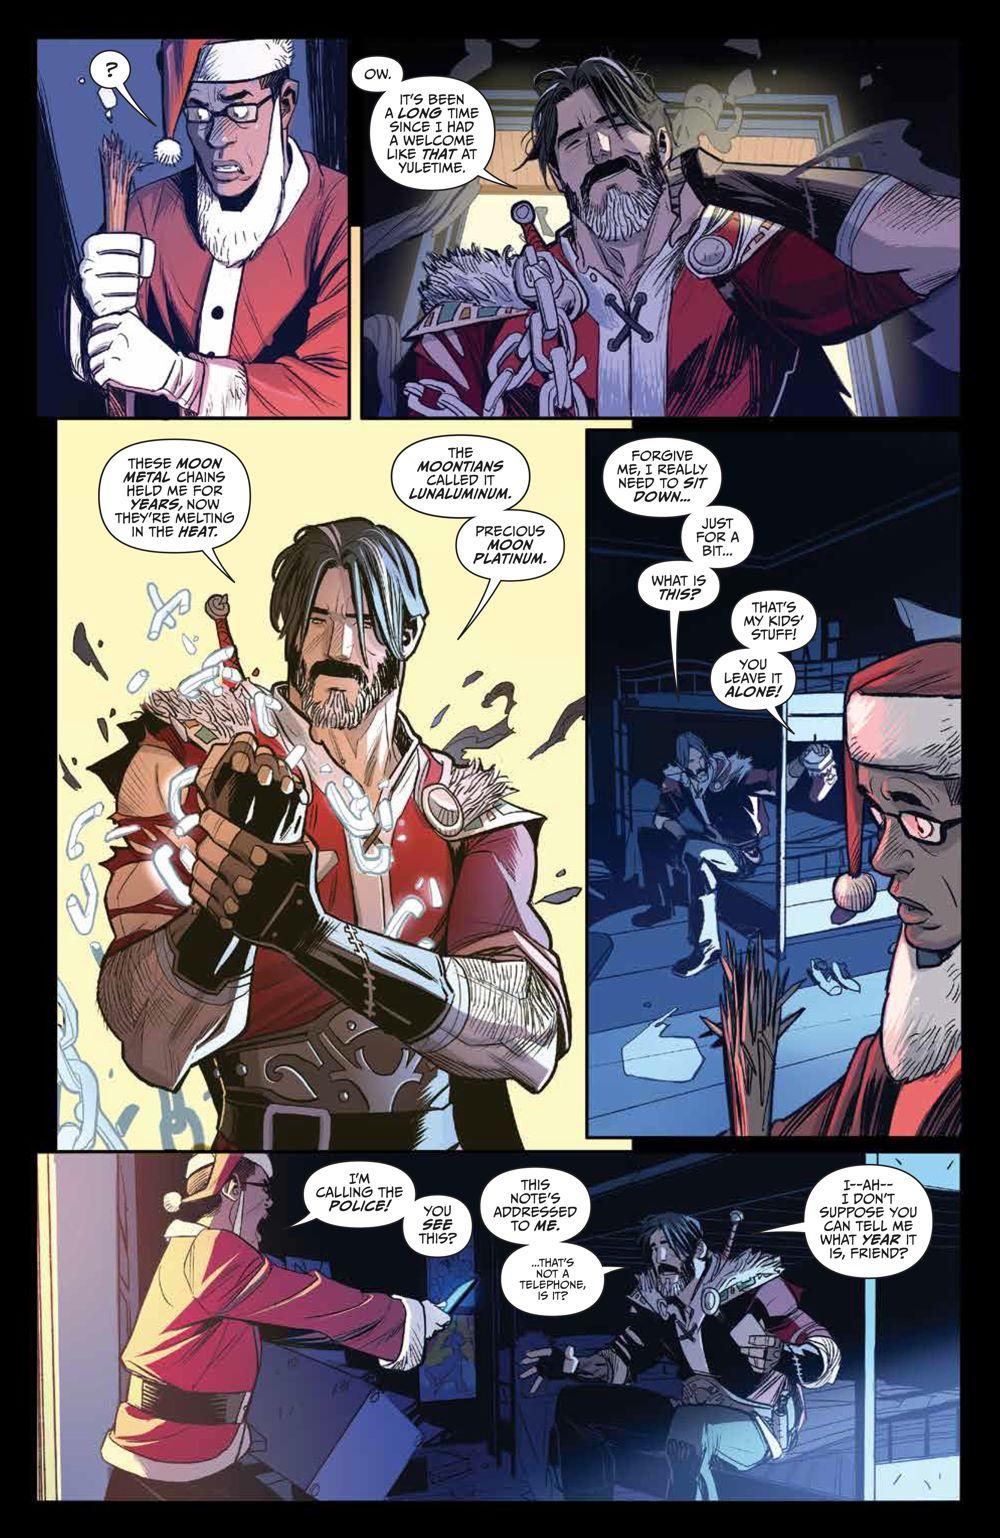 Klaus_NewAdventures_SC_PRESS_13 ComicList Previews: KLAUS THE NEW ADVENTURES OF SANTA CLAUS GN